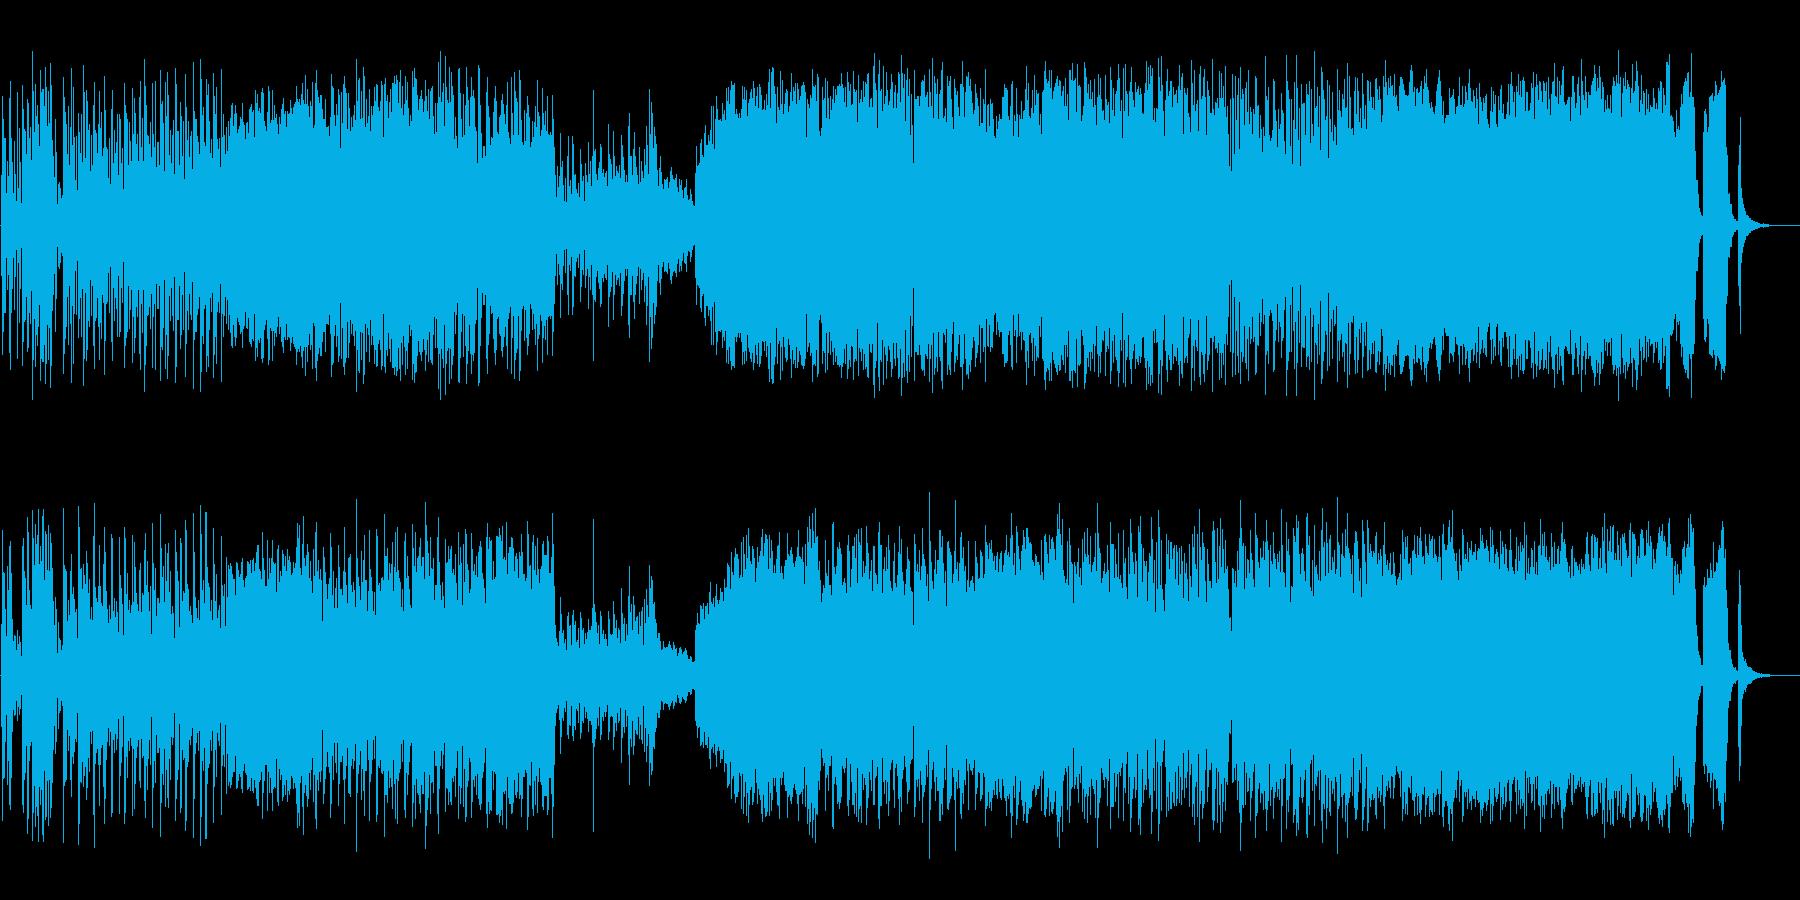 ピアノとストリングスによる爽やかな楽曲の再生済みの波形